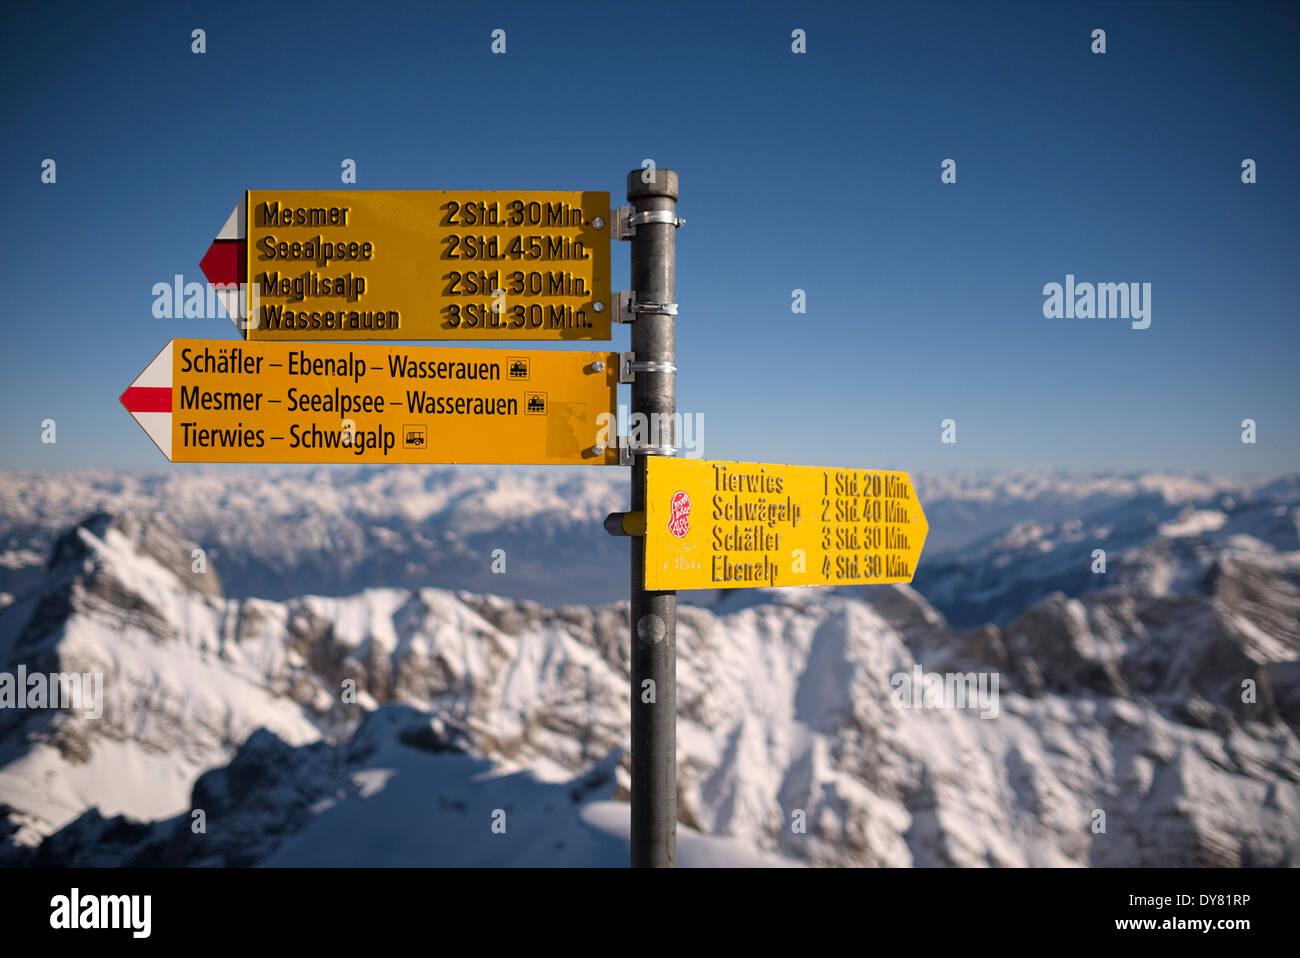 Schweiz, Kanton Appenzell Ausserrhoden, Wegweiser am Berg Säntis Stockbild